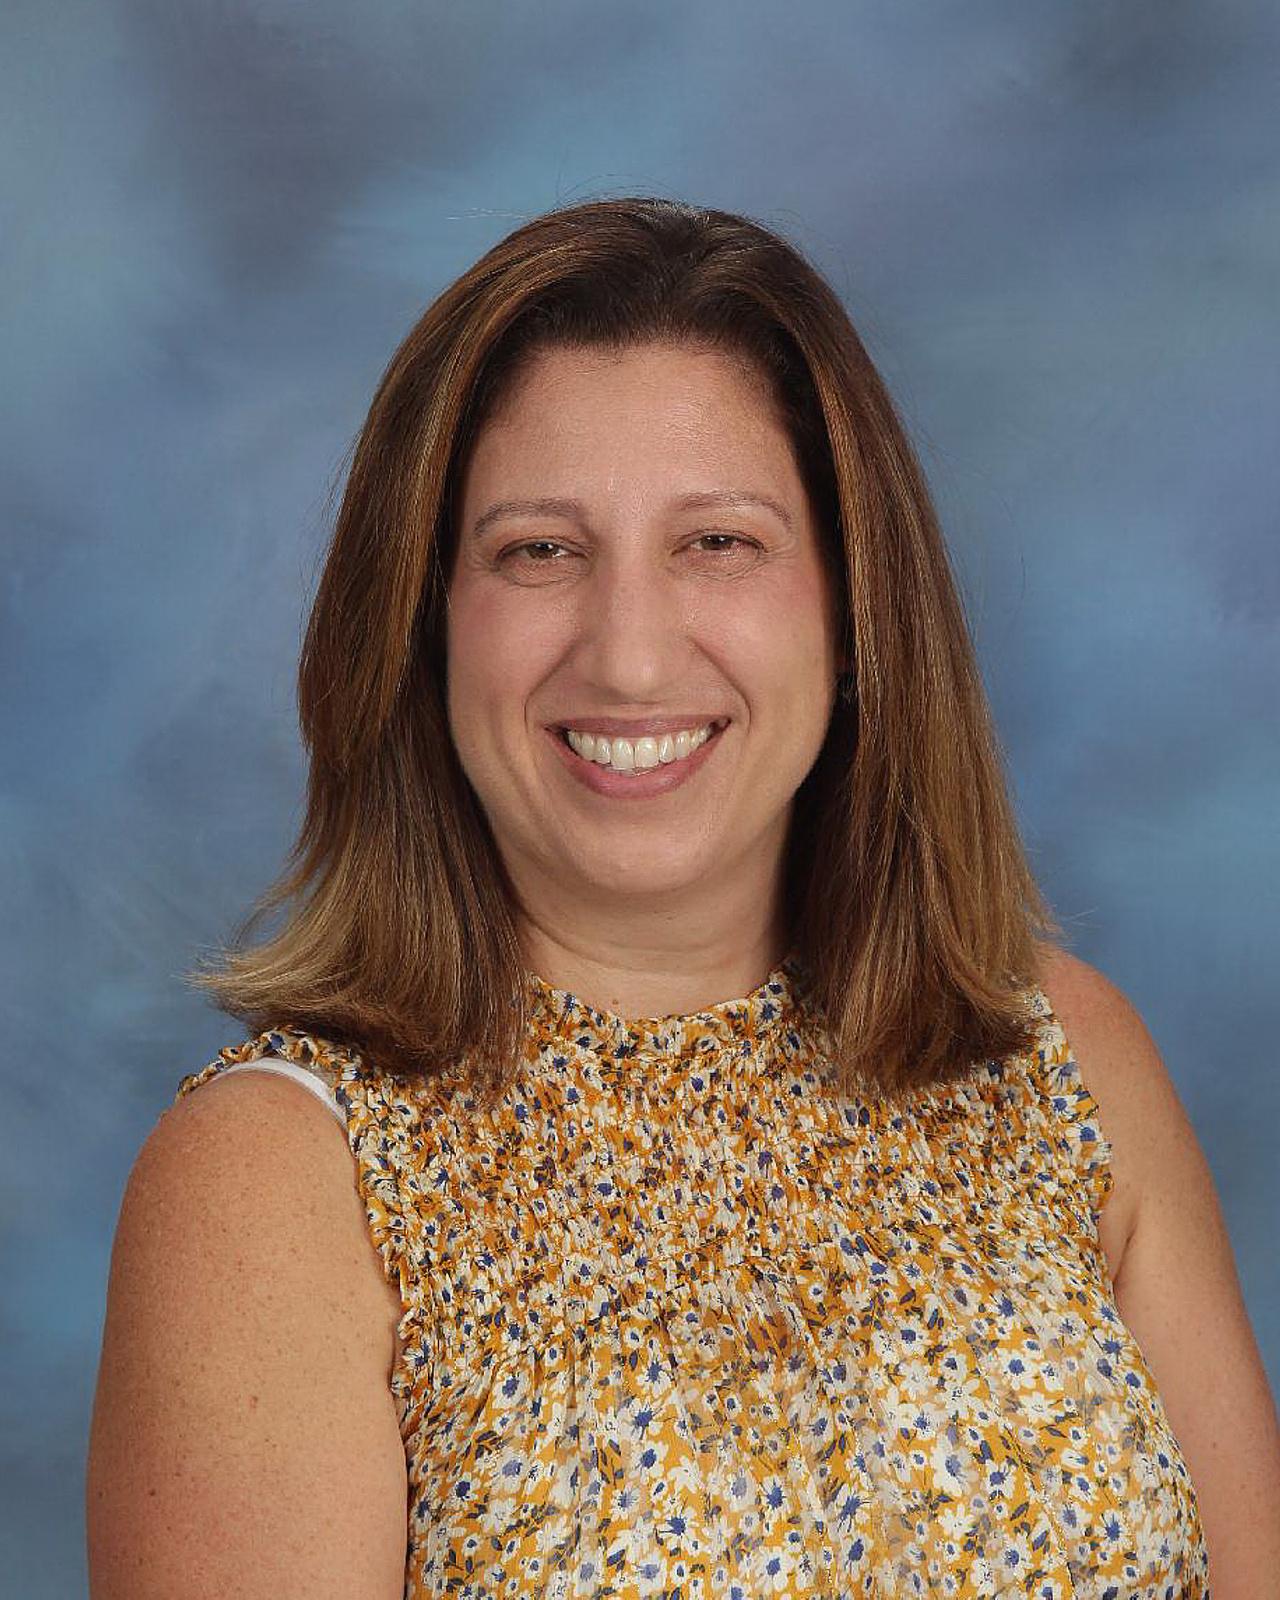 Teresa Leiser